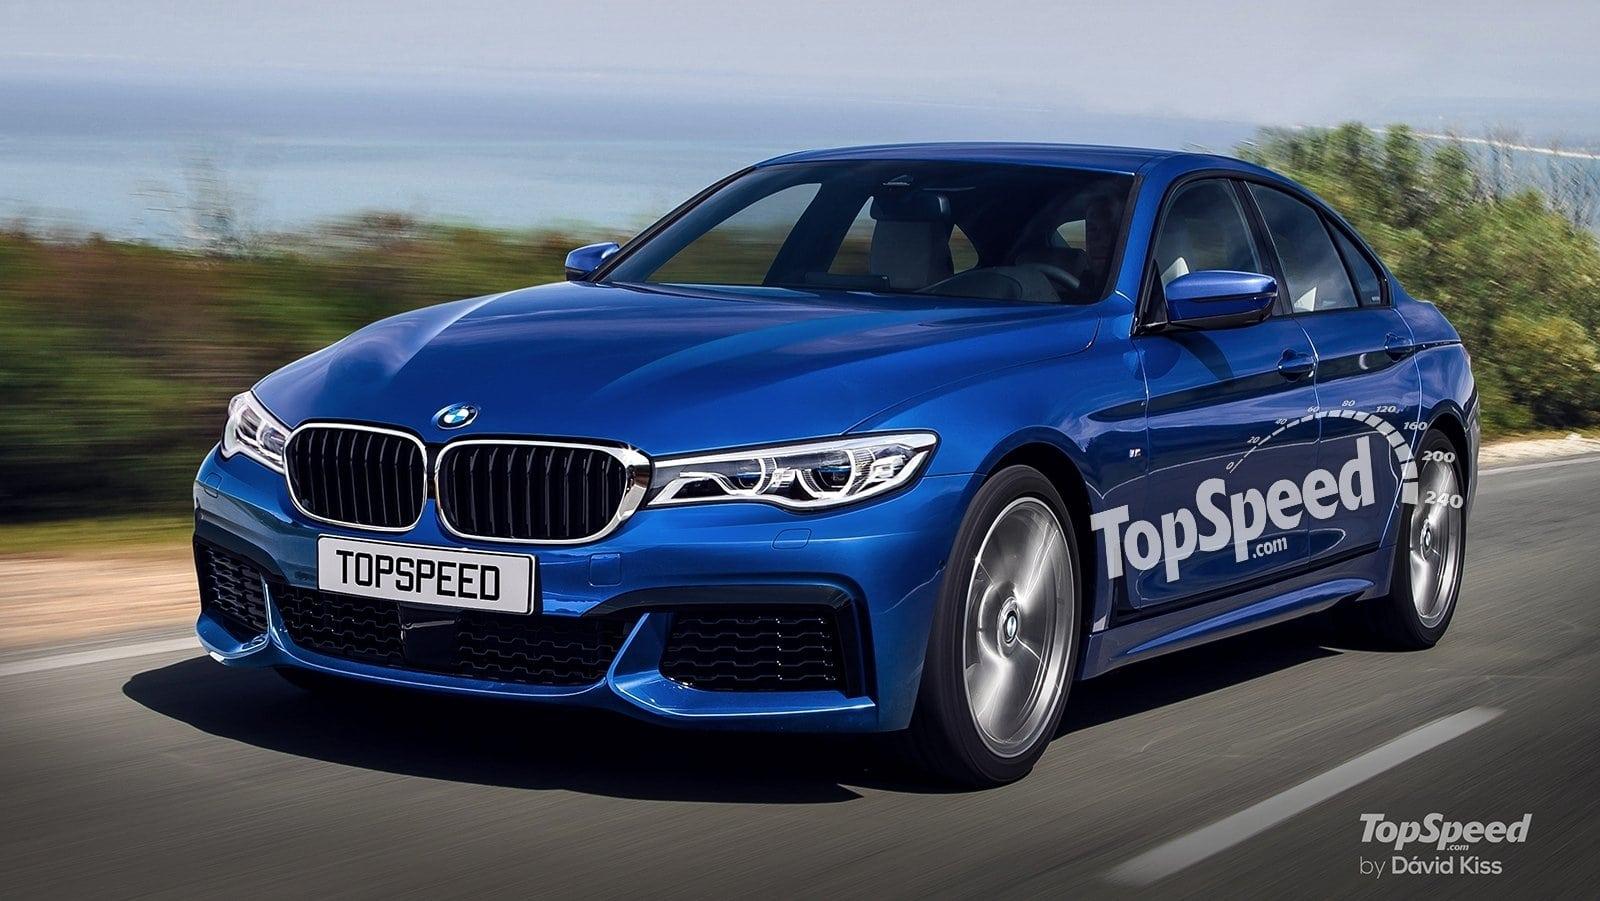 Исследуем рендеры BMW 3 Серии G20 2018: Тopspeed отмечает высочайший уровень конкуренции, с которым придется столкнуться «тройке» BMW и усилия, предпринимаемые дизайнерами в связи с этим.